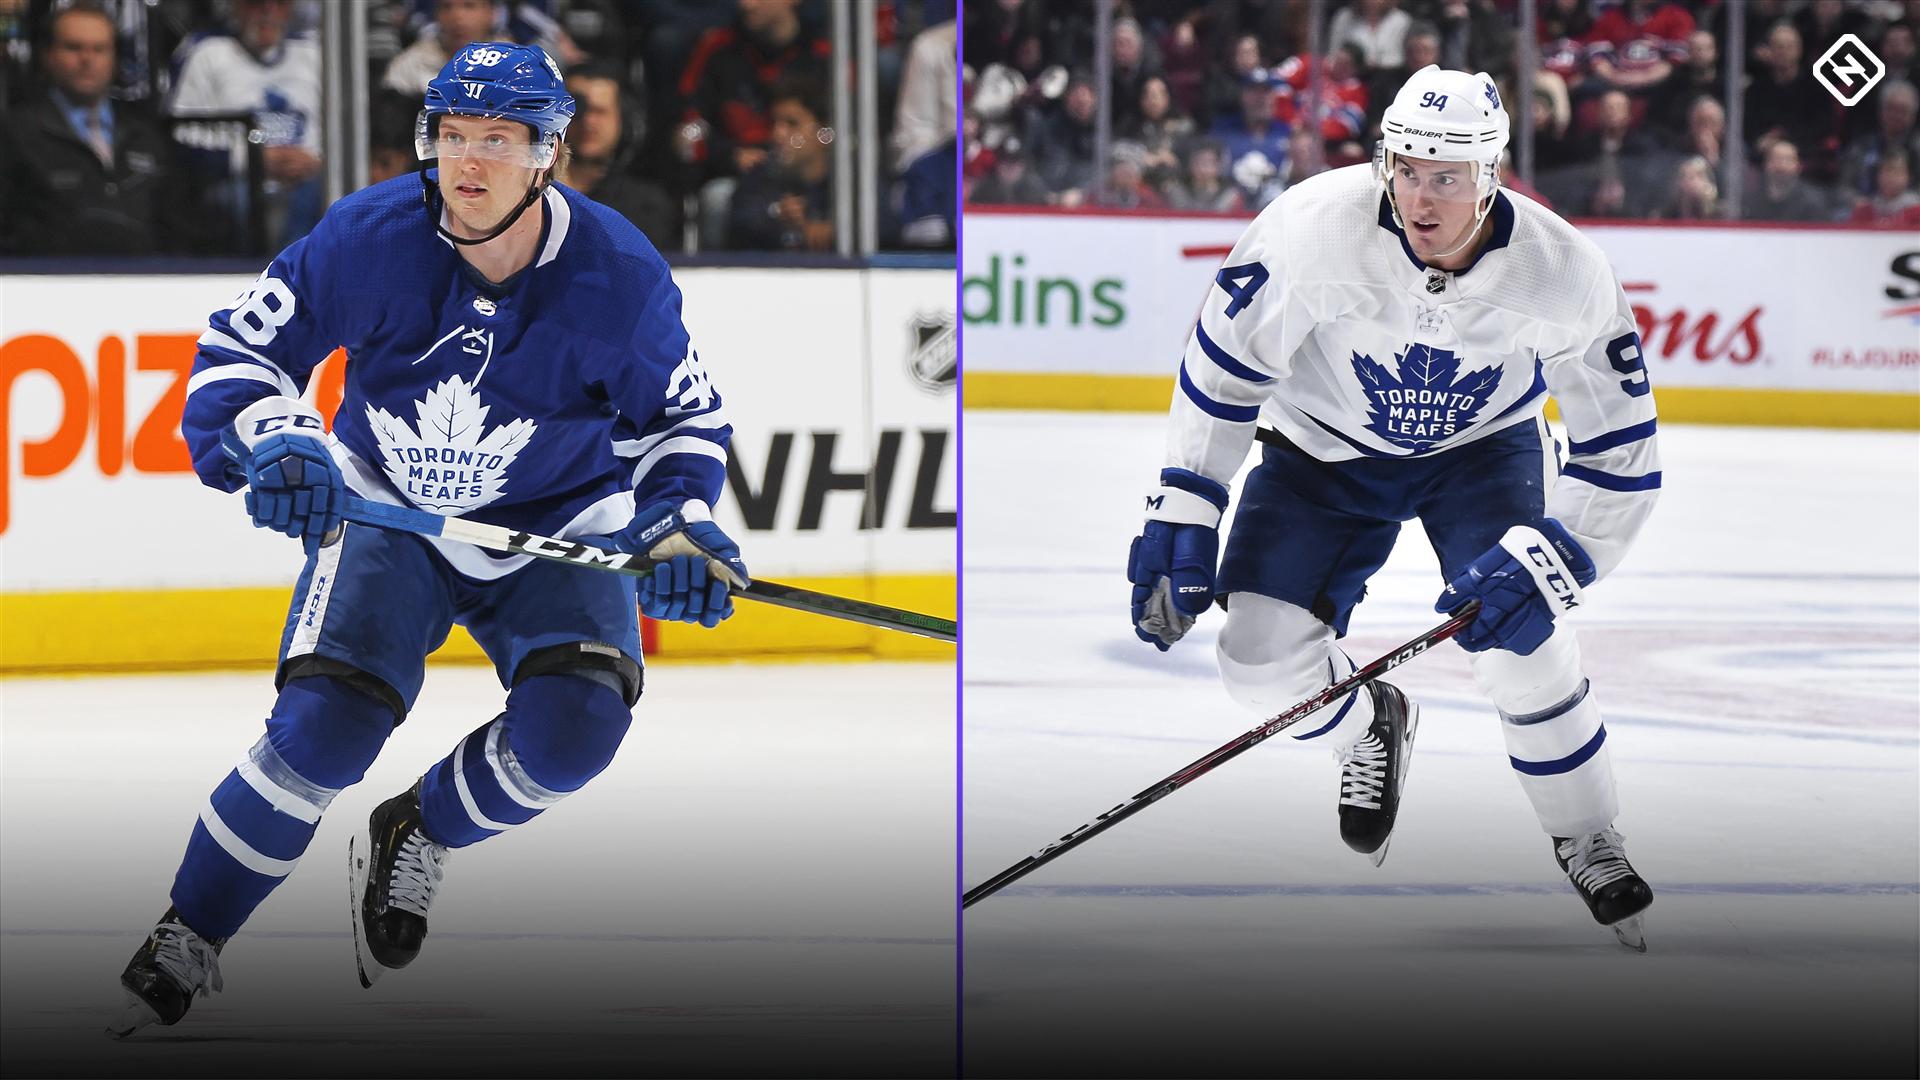 Con lesiones cada vez mayores, Maple Leafs confía en los jóvenes defensores durante el playoff 2